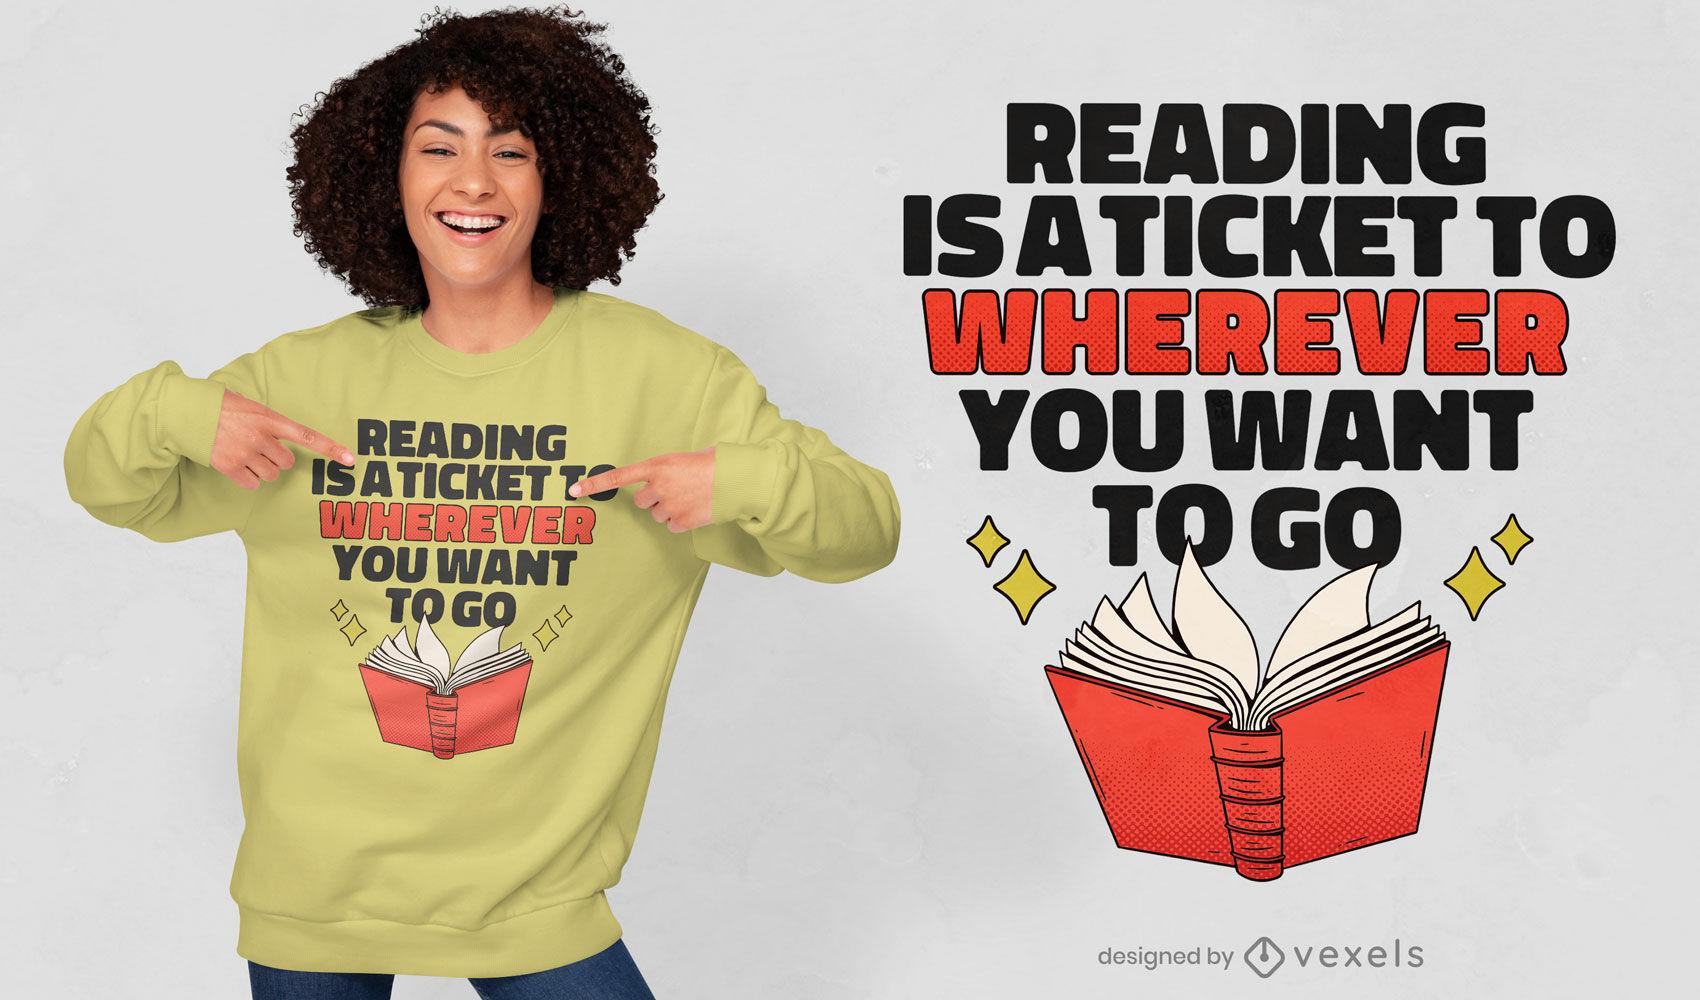 Diseño de camiseta de cita de libro de hobby de lectura